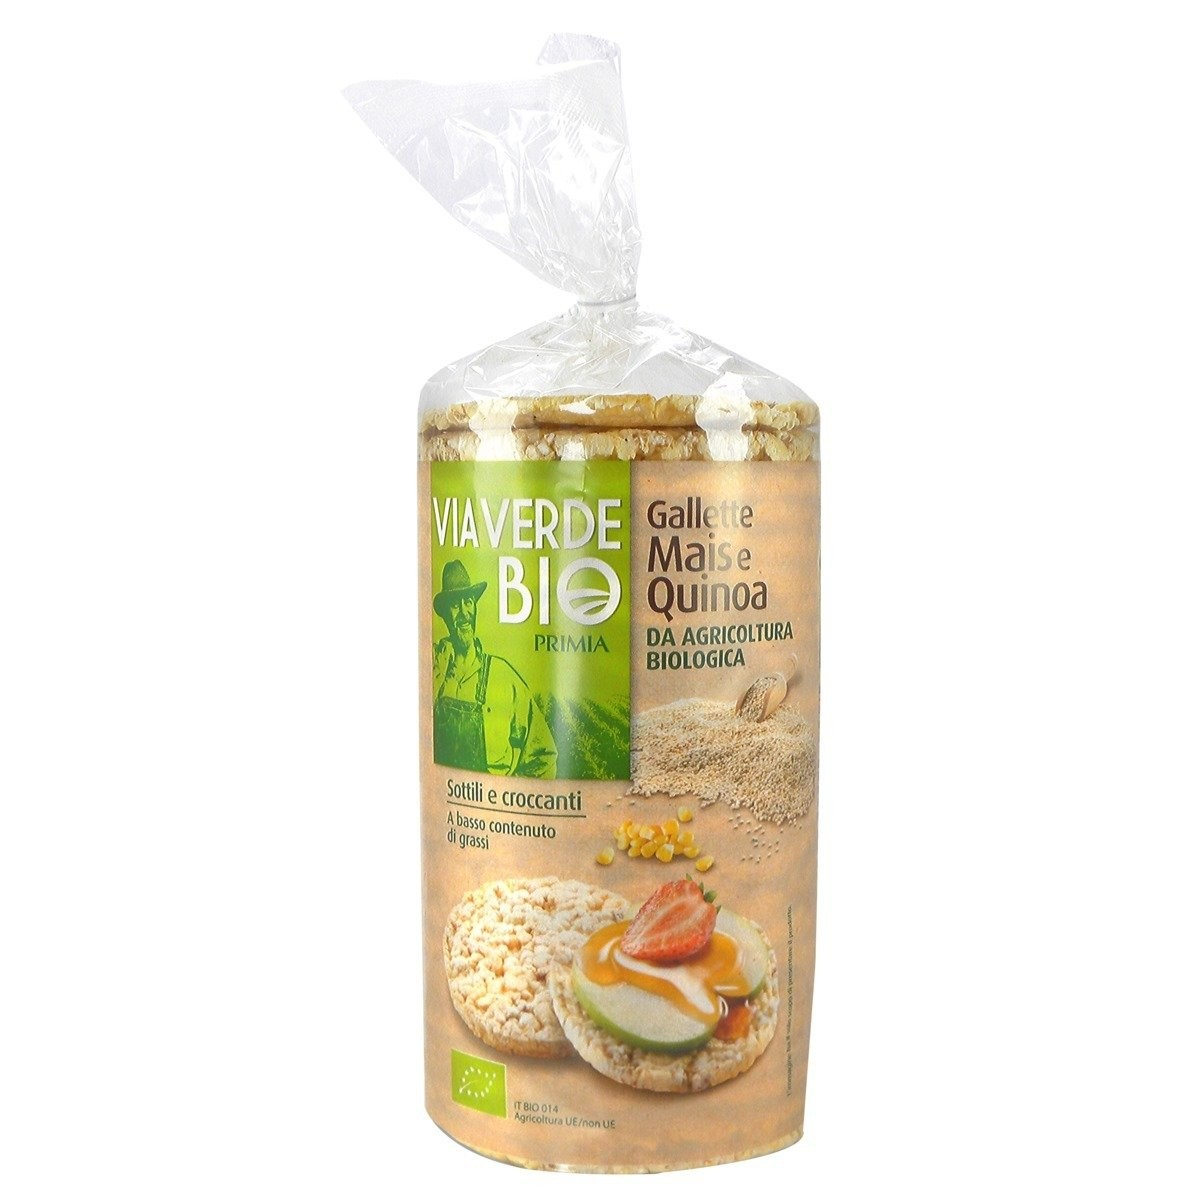 Gallette Mais e Quinoa Via Verde Bio